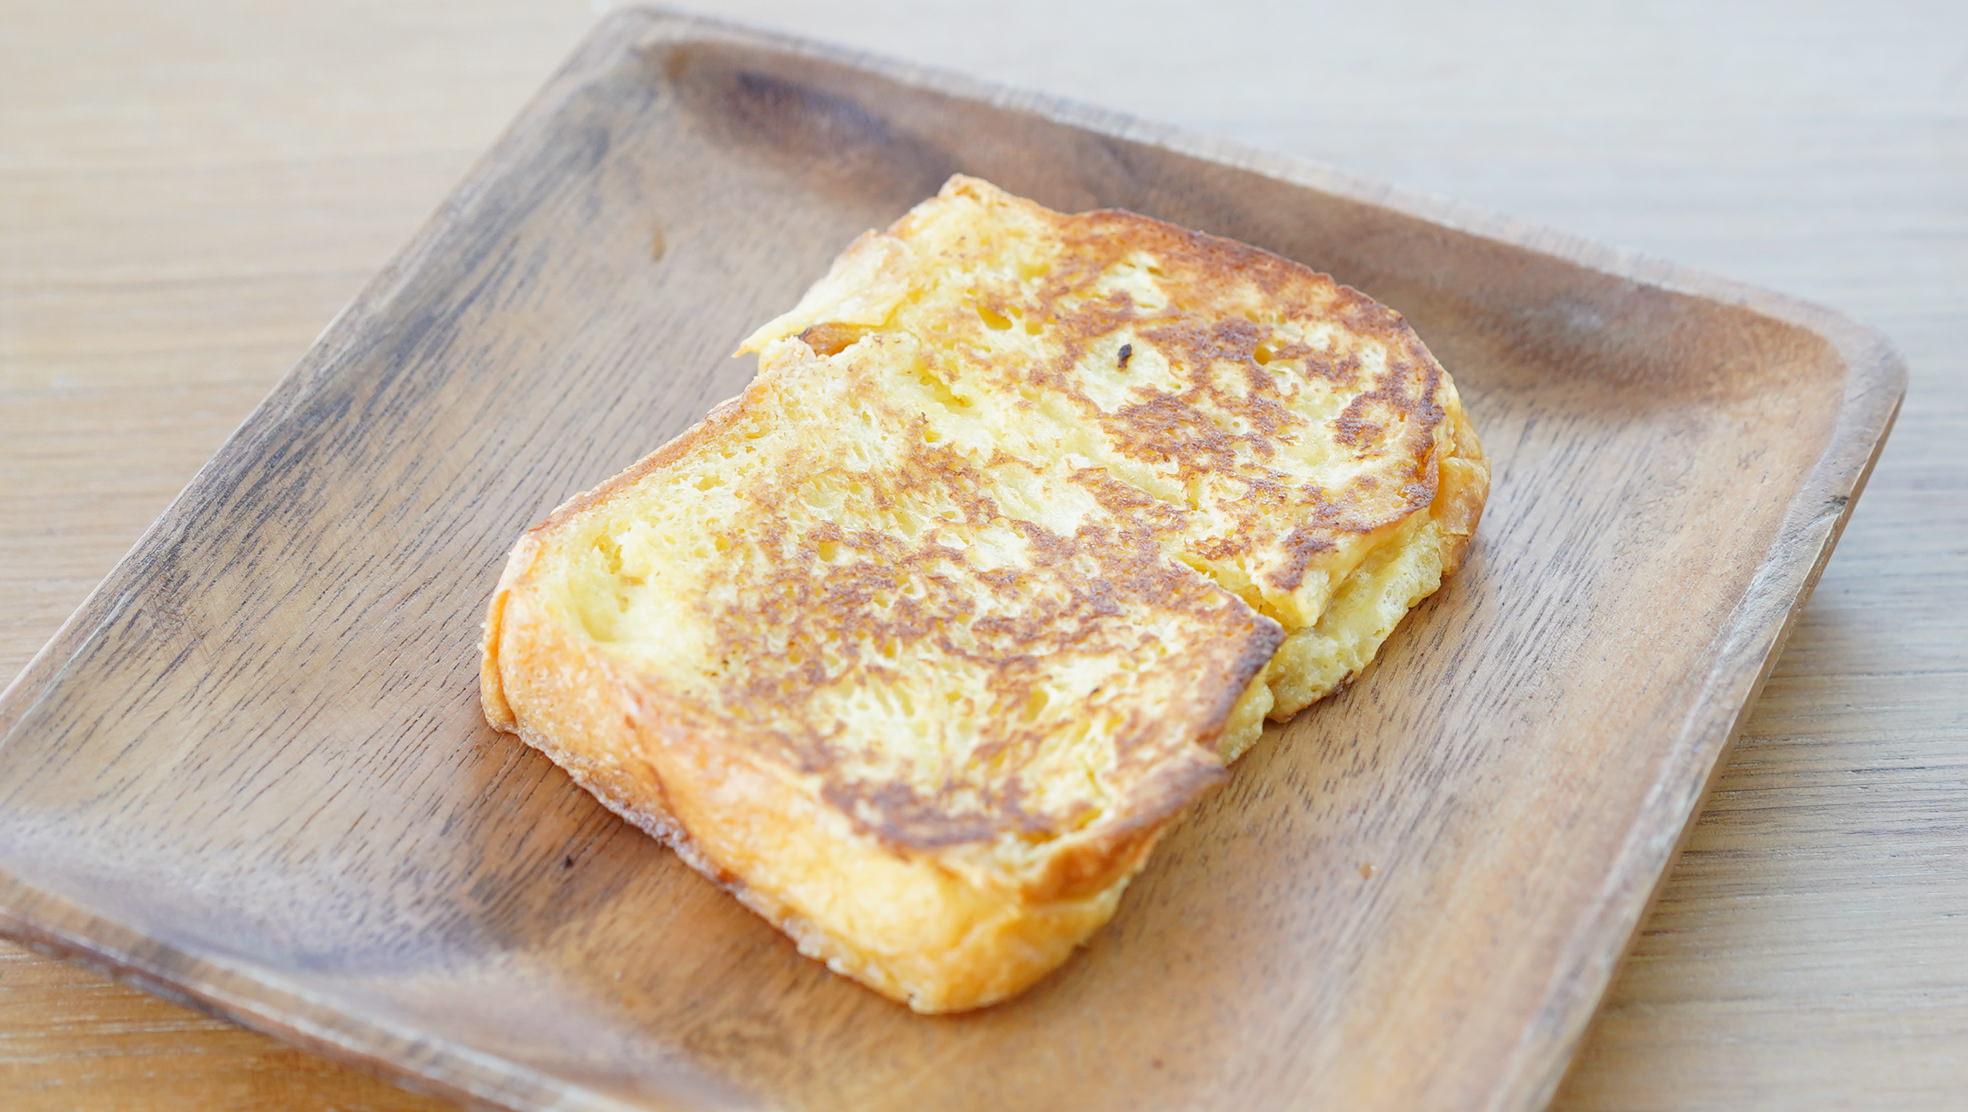 ピカールのおすすめ冷凍食品「ブリオッシュのフレンチトースト」の商品写真